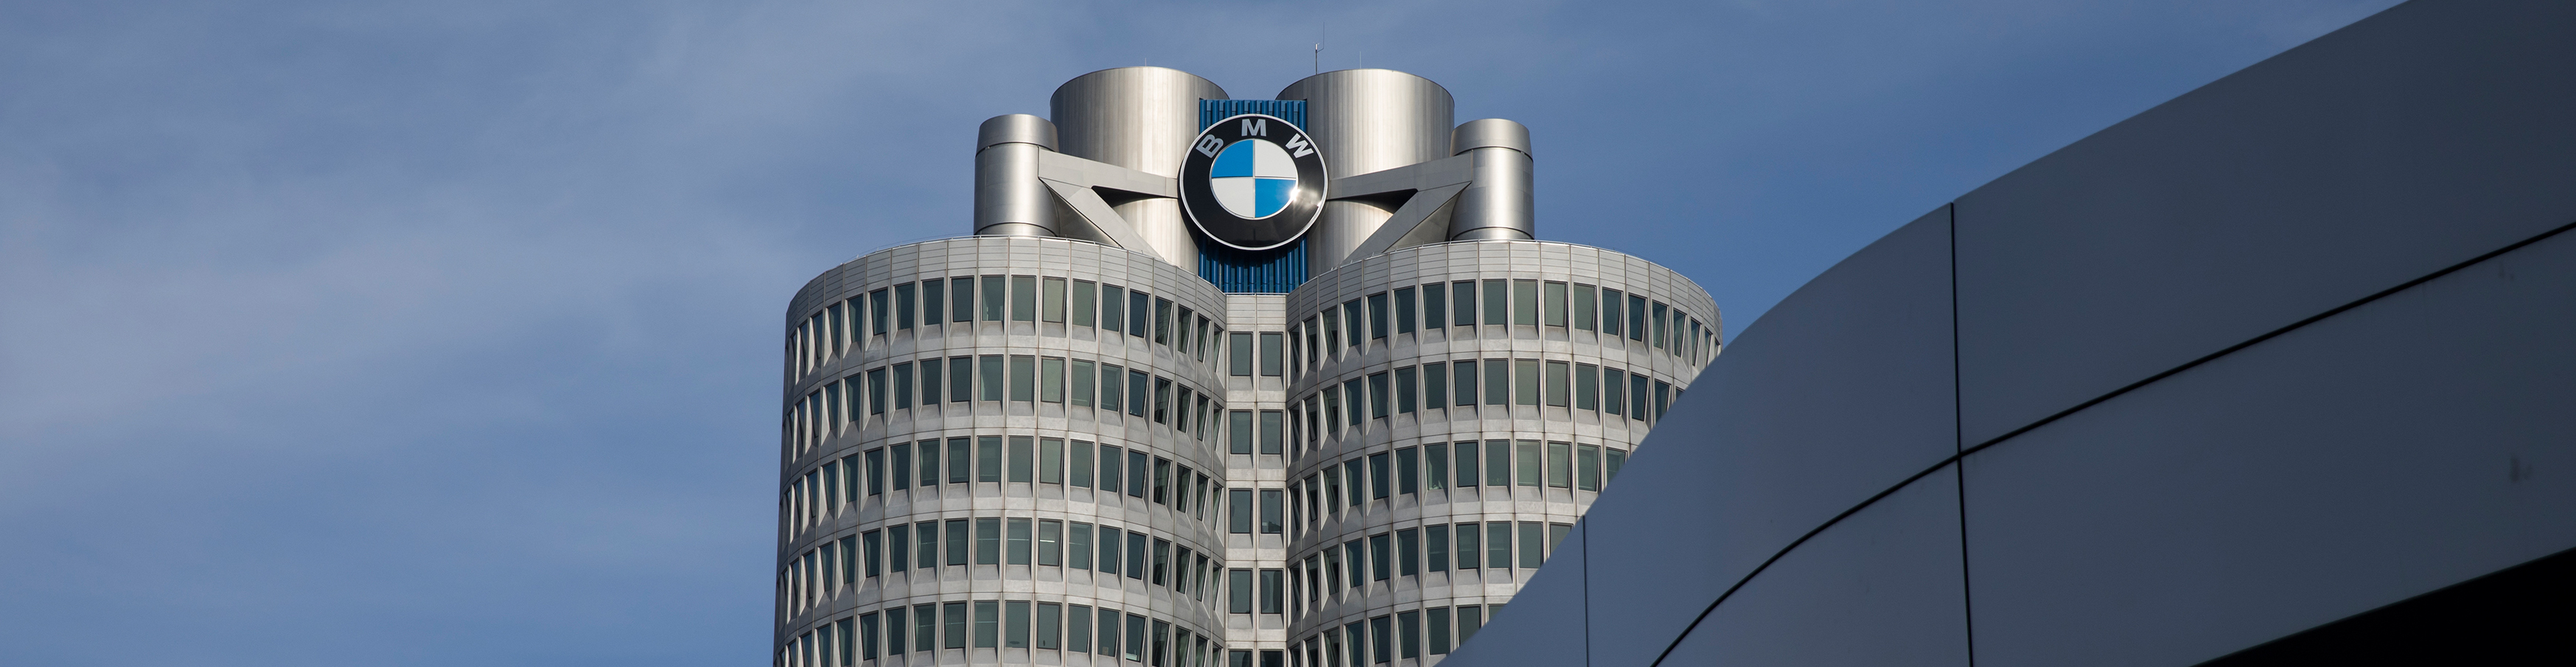 Las ventas mundiales del Grupo BMW continuaron creciendo en Noviembre